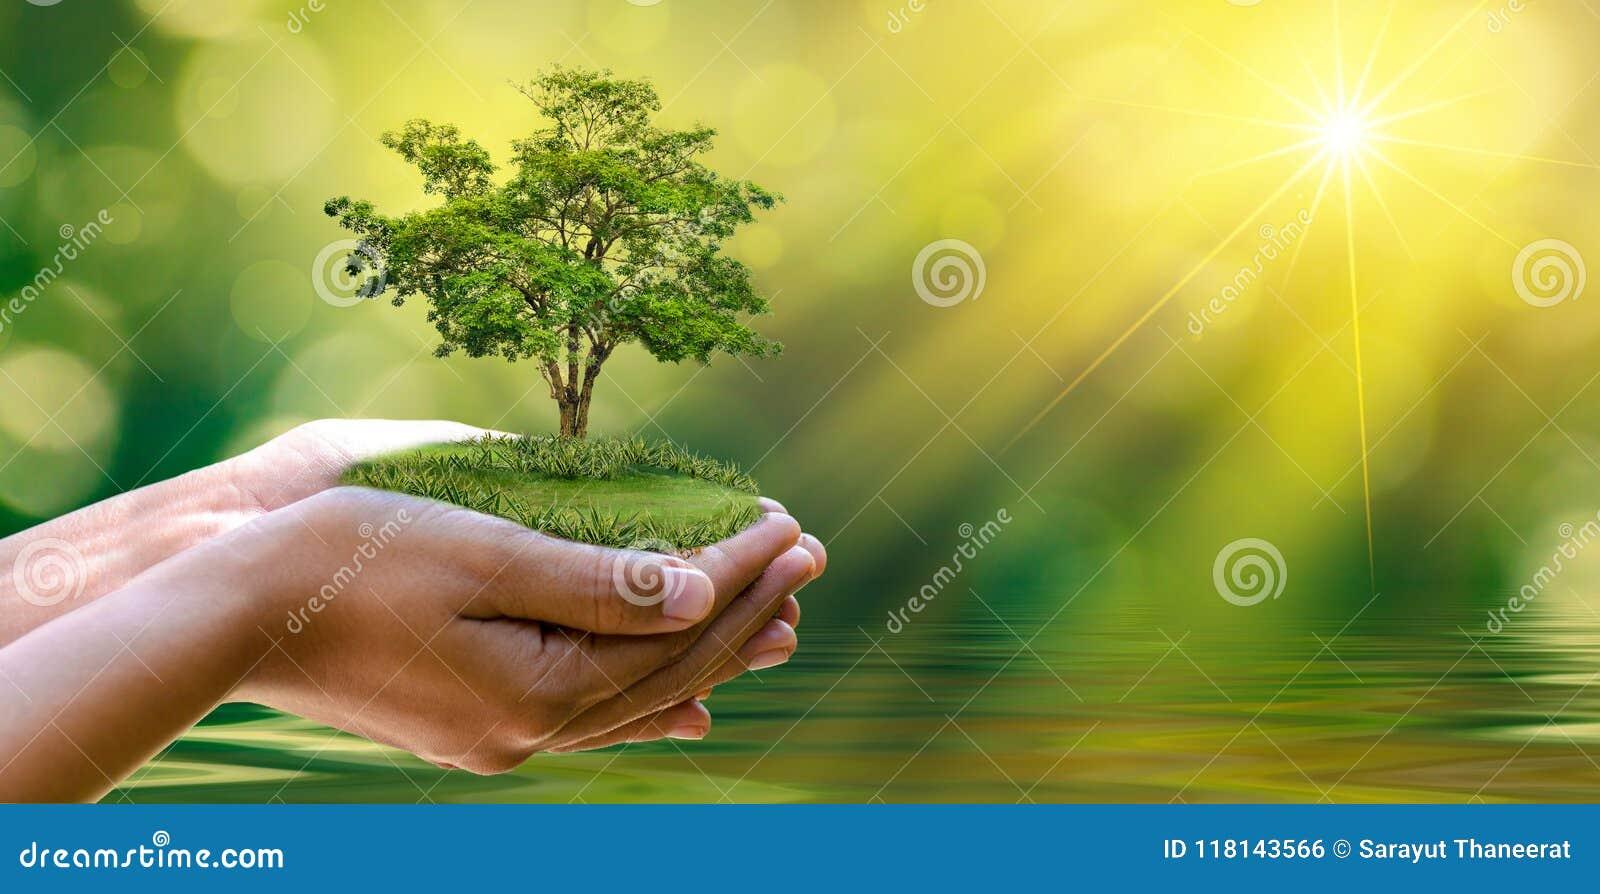 День земли окружающей среды в руках деревьев растя саженцы Bokeh зеленеет руку предпосылки женскую держа дерево на gra поля приро